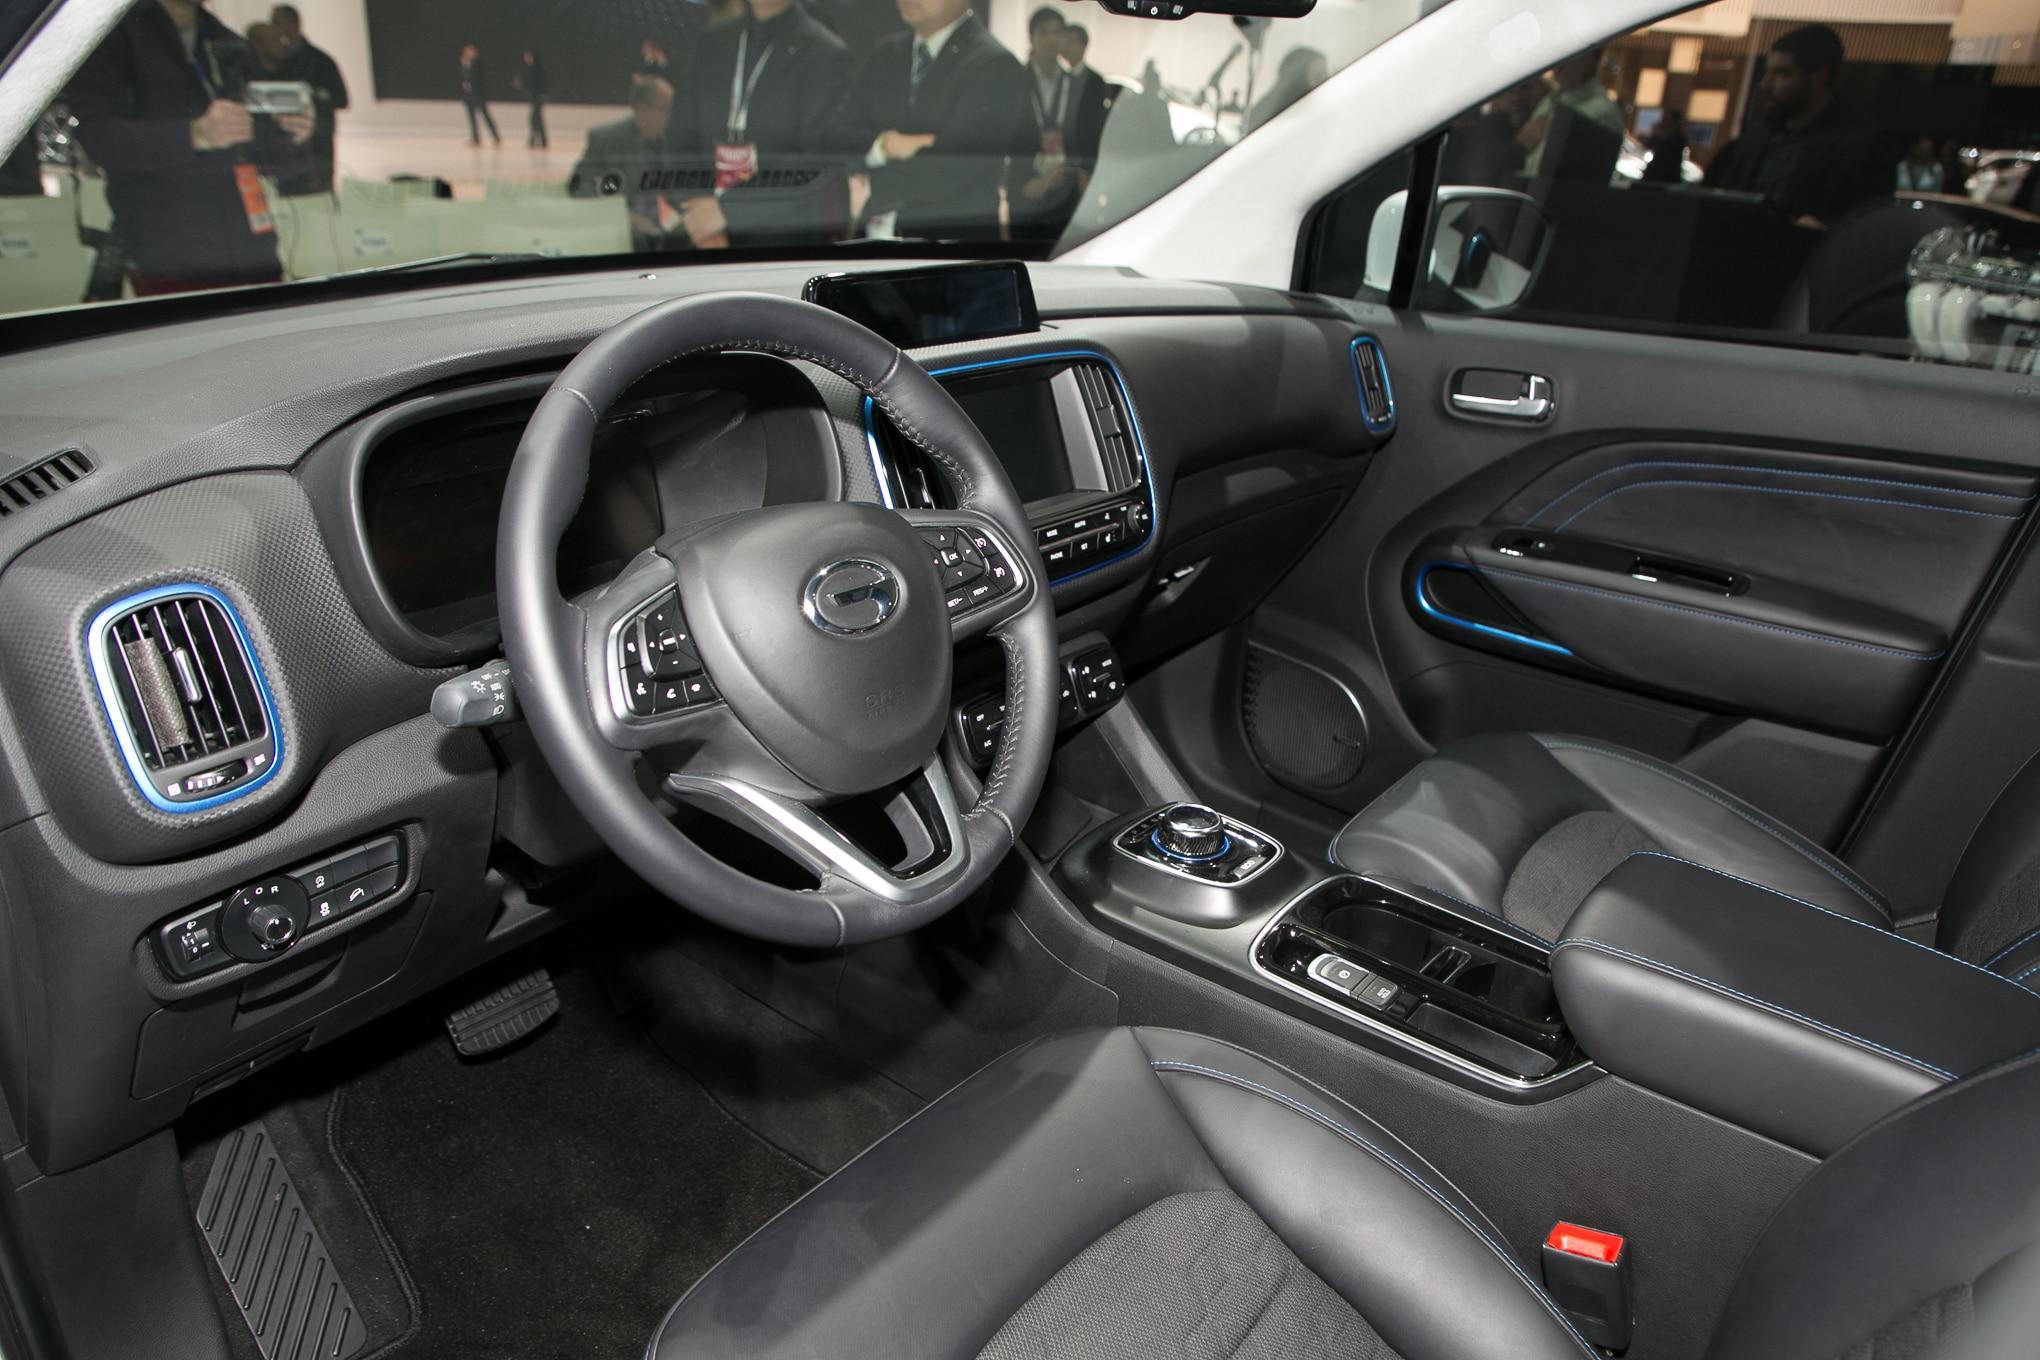 2018 Gac Trumpchi Ge3 Interior 1 Motor Trend En Espa 241 Ol